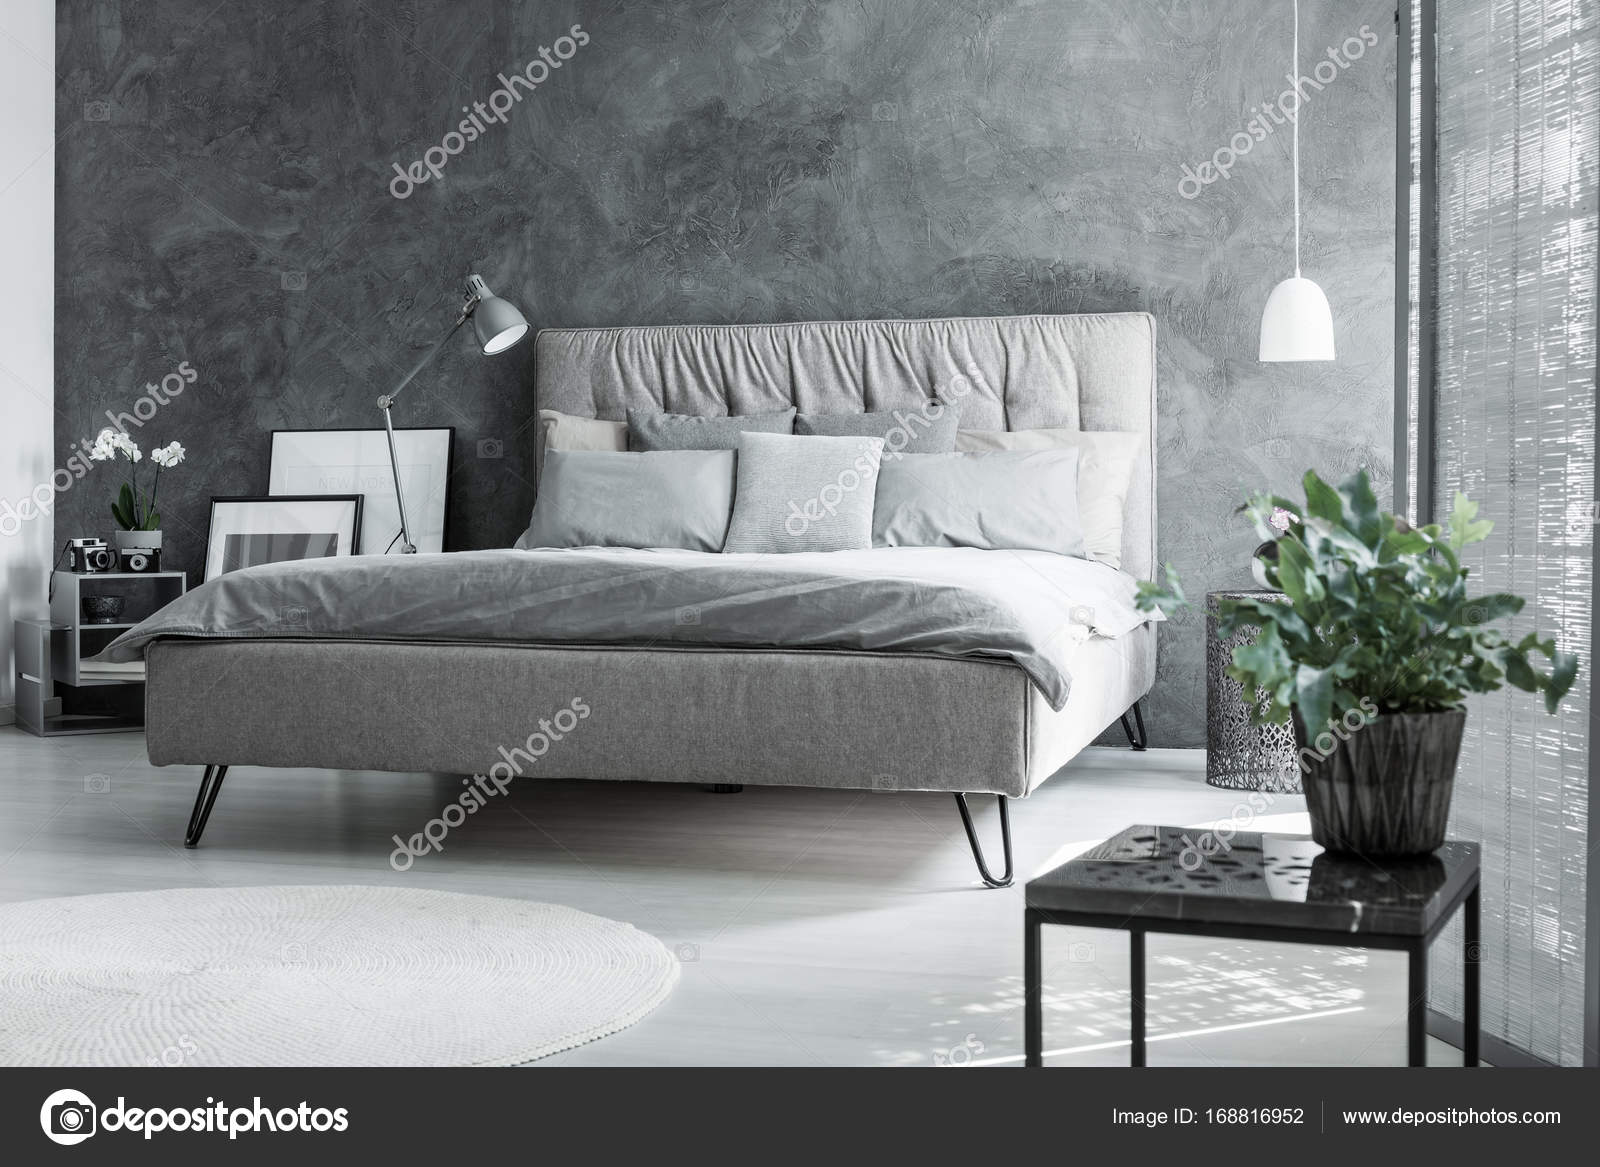 inspirerende grijs slaapkamer met plant stockfoto